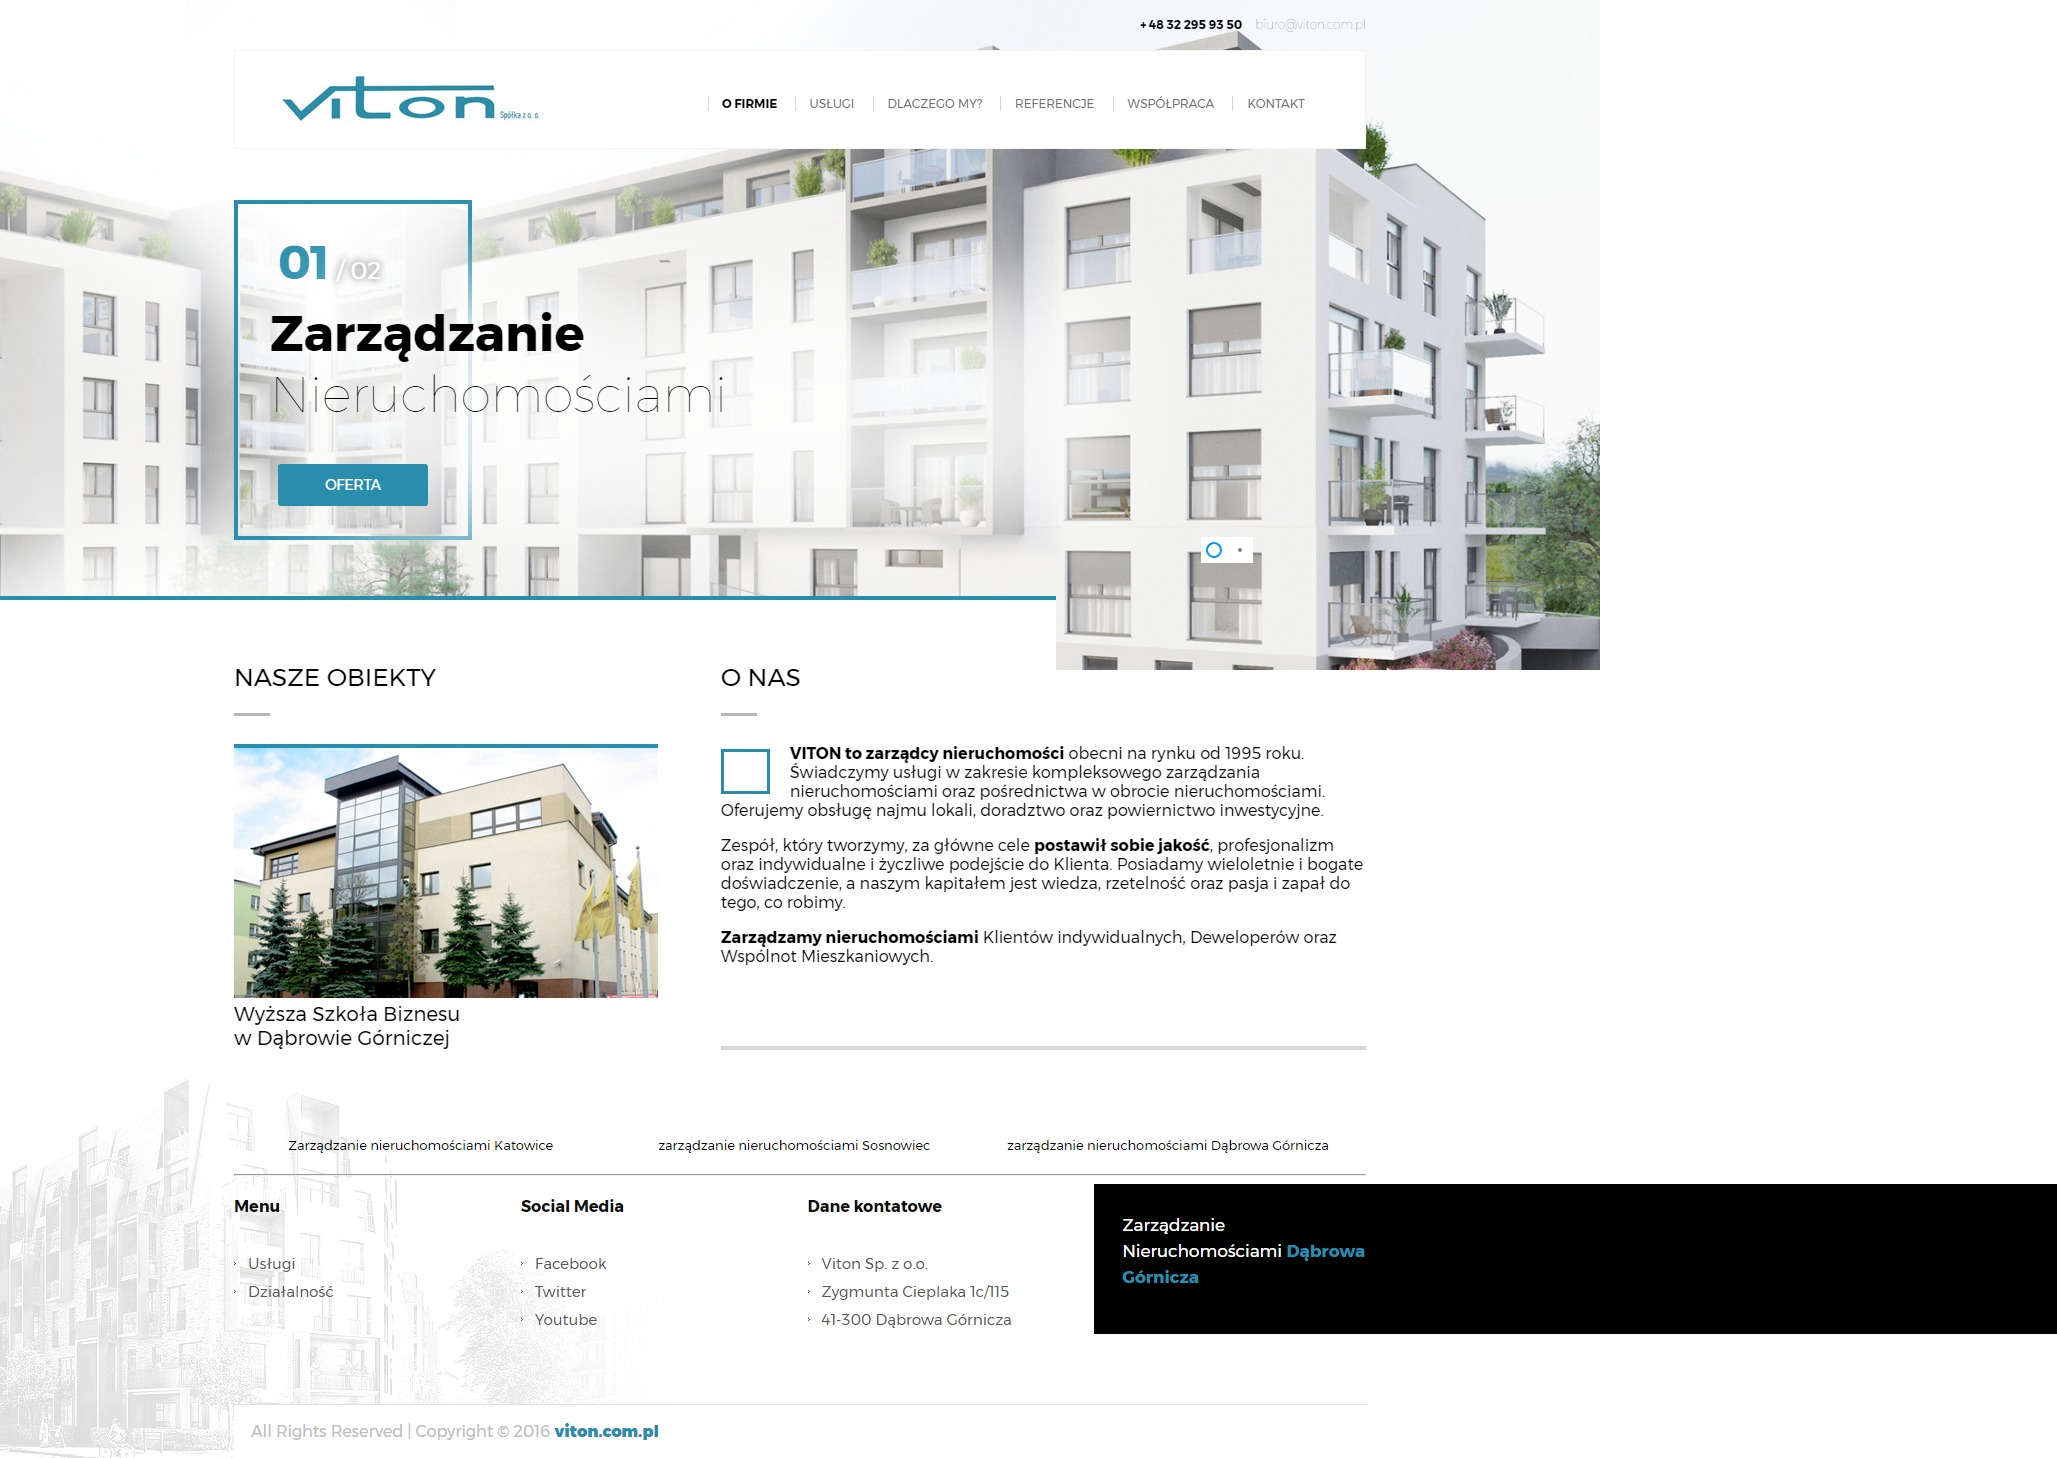 Zarządzanie Nieruchomościami Viton 1